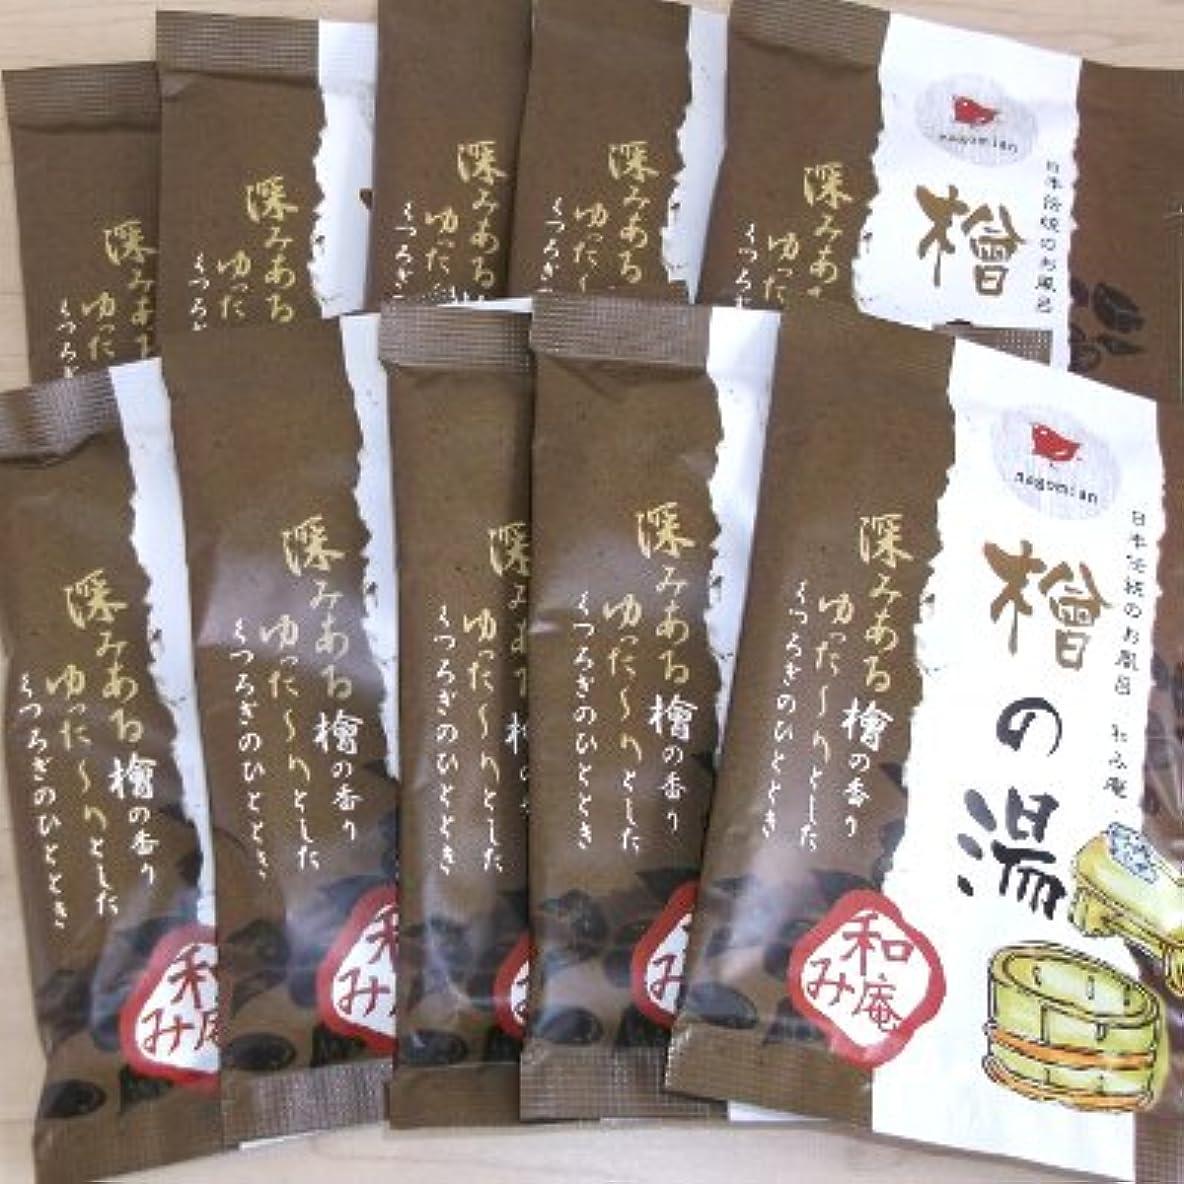 鉄道駅喜ぶ真実に和み庵 檜の湯 10包セット